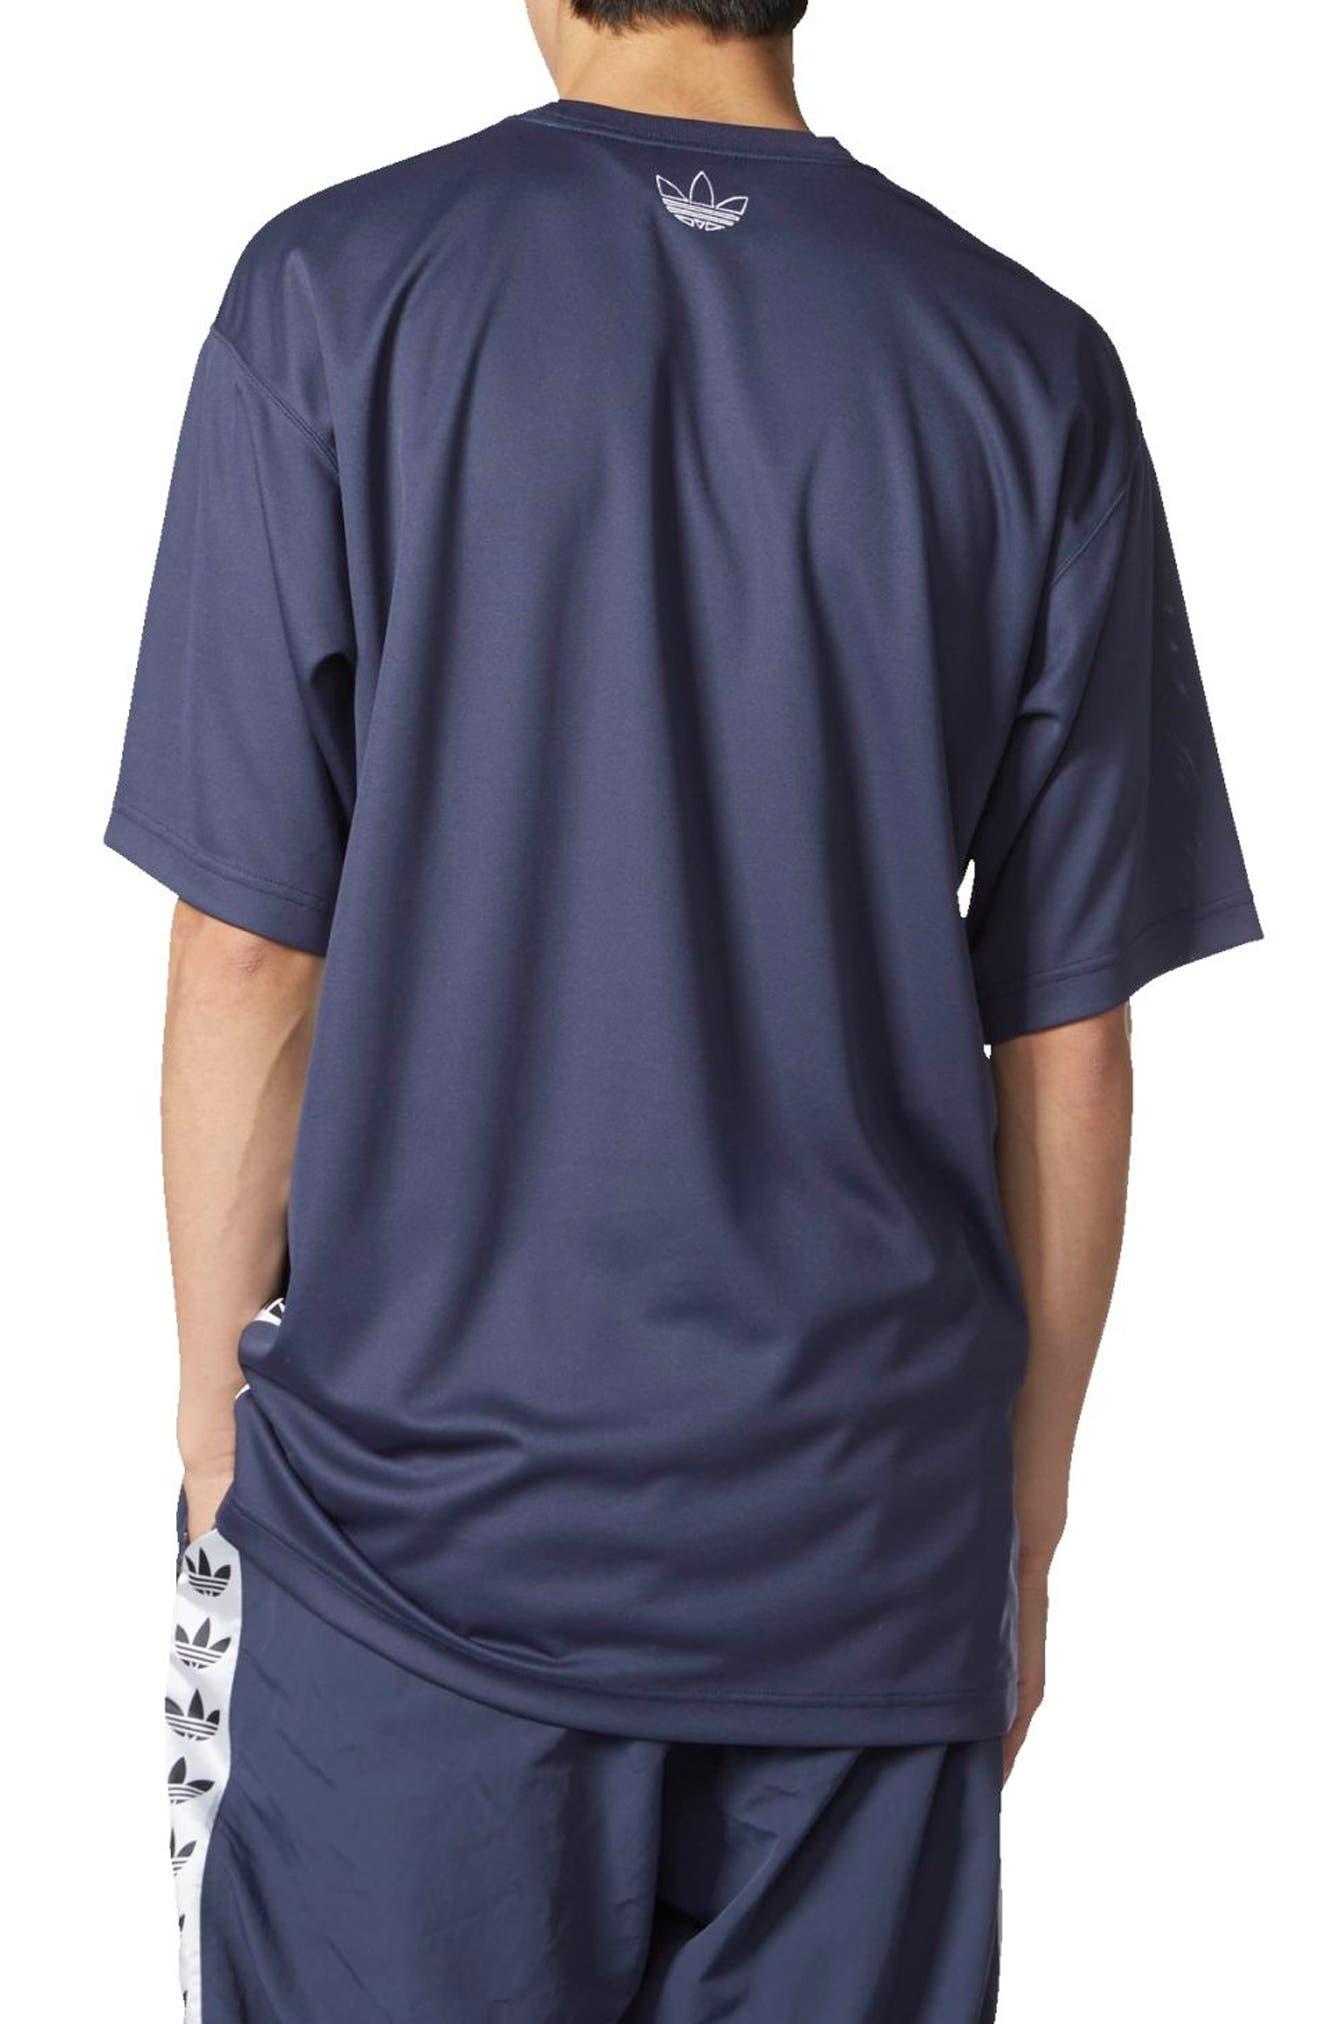 TNT Tape T-Shirt,                             Alternate thumbnail 2, color,                             Trace Blue/ White